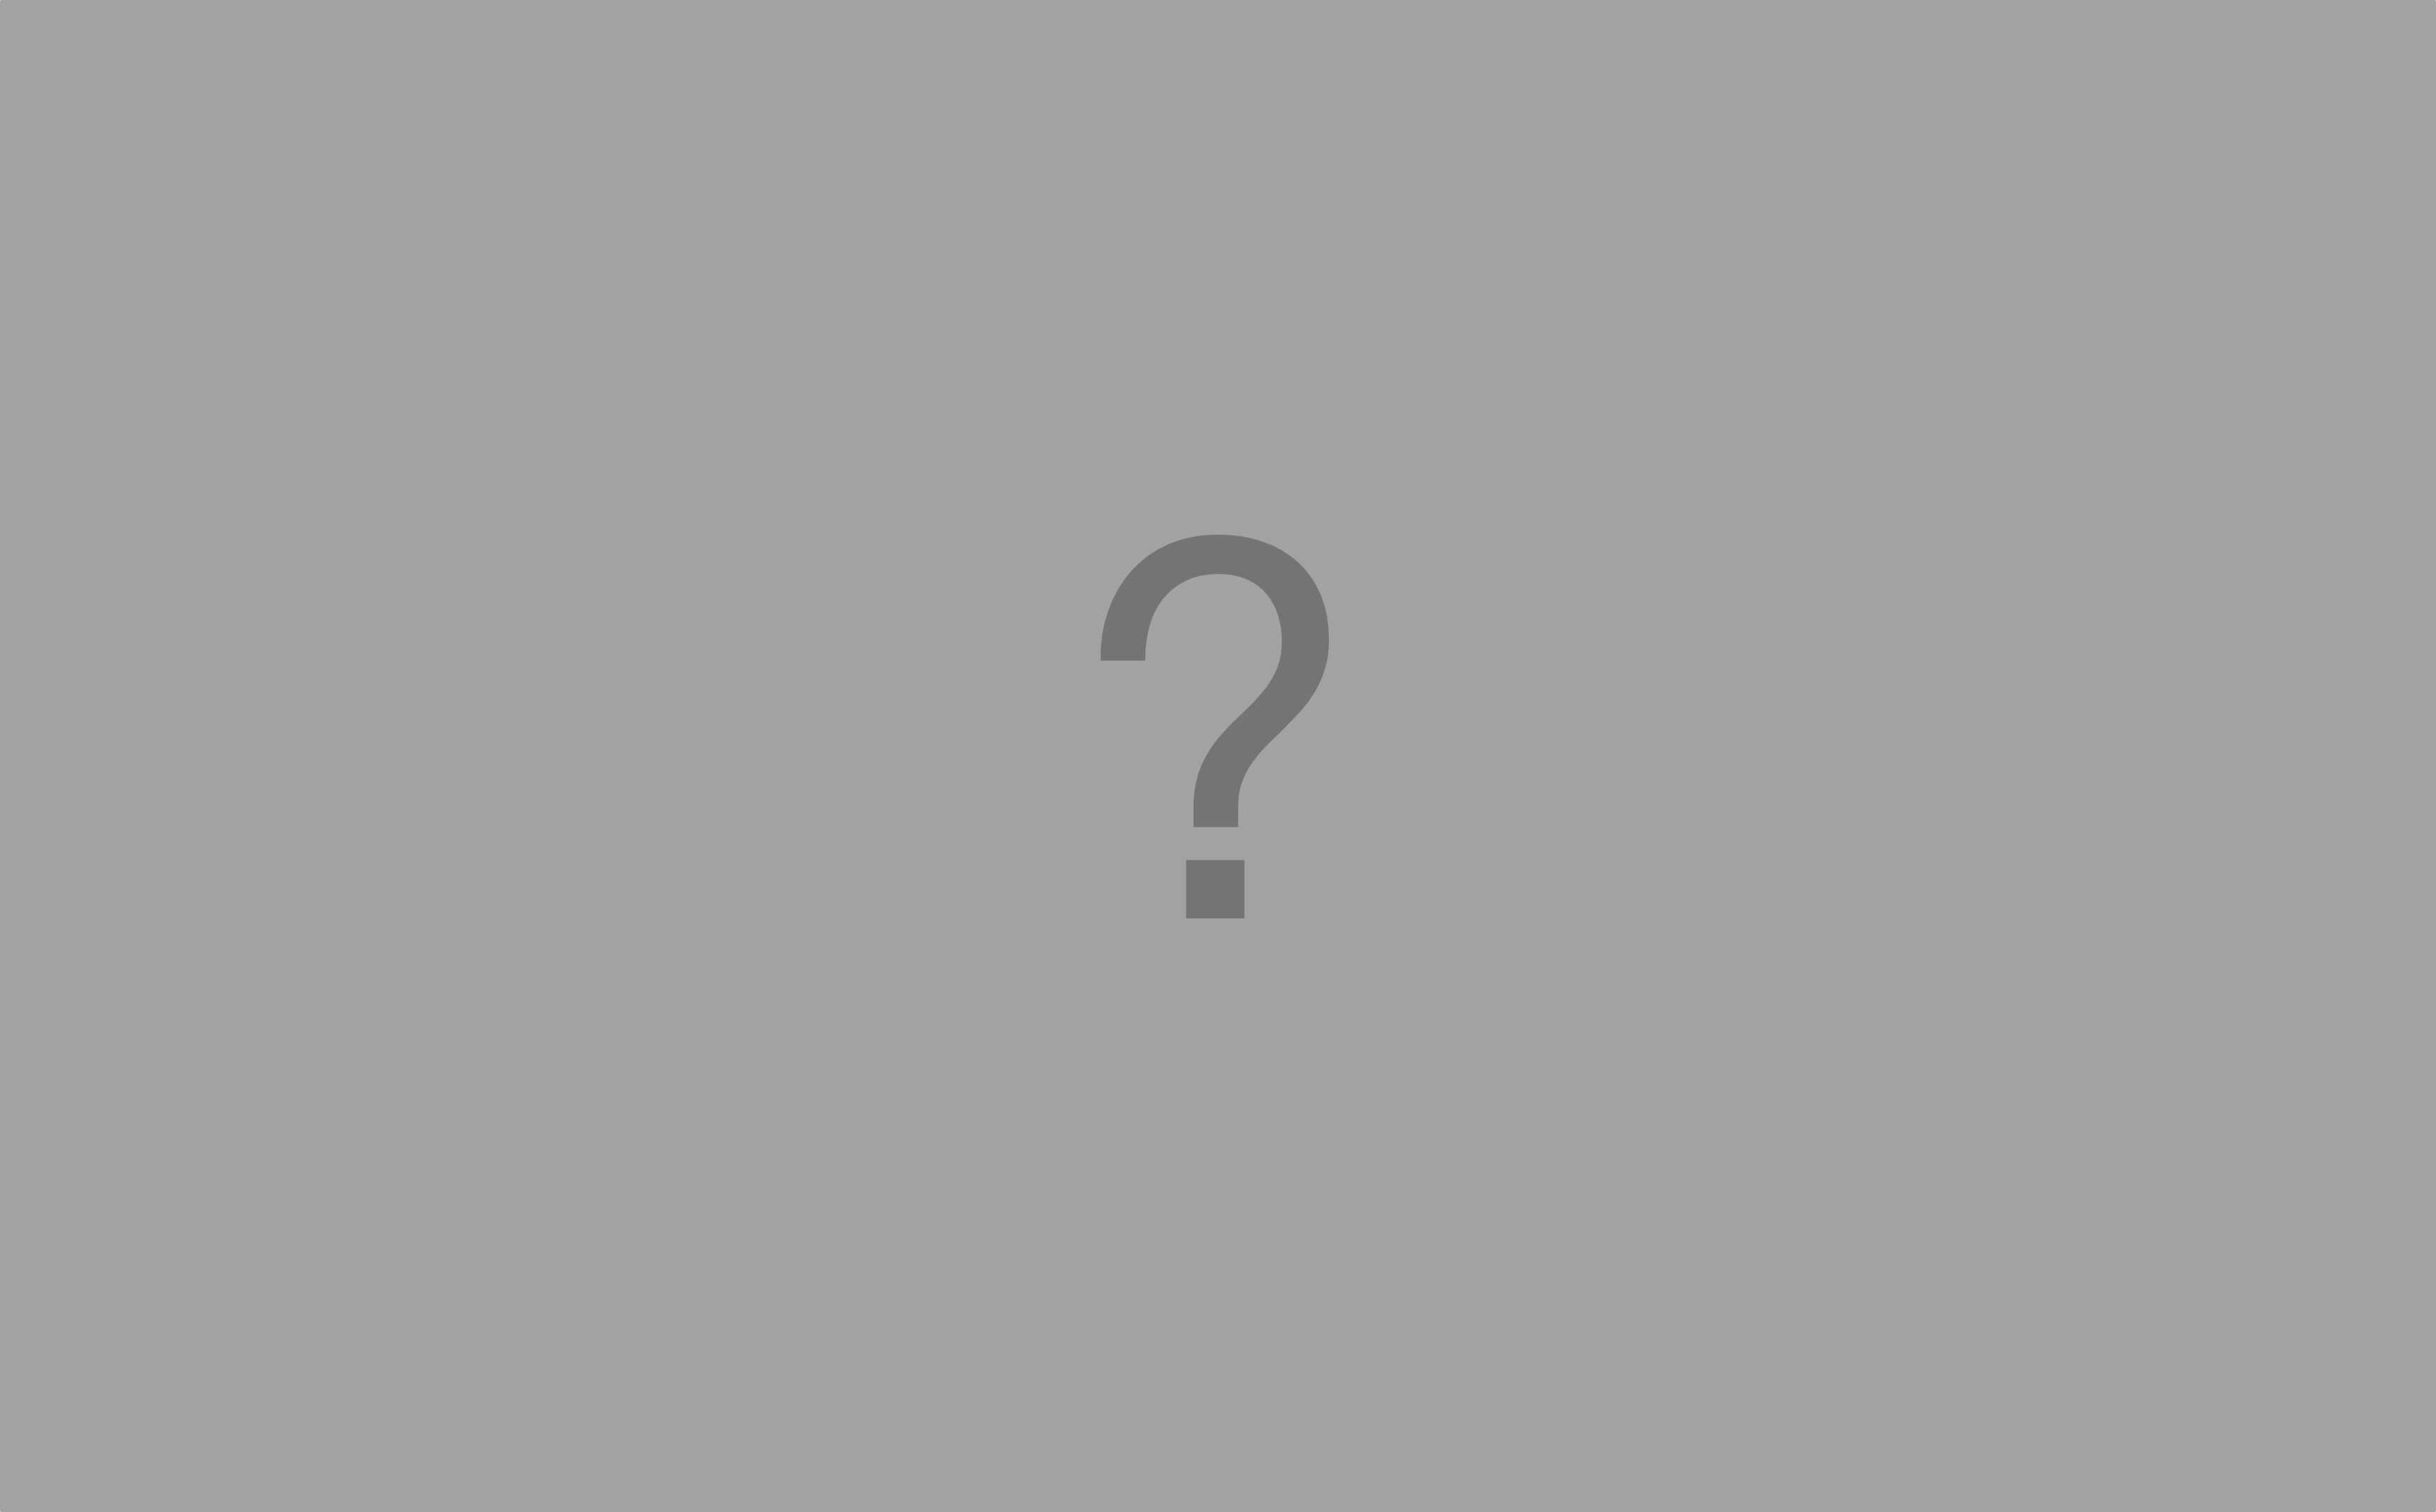 Umfrage: Welchen Port willst du im nächsten iPhone sehen?